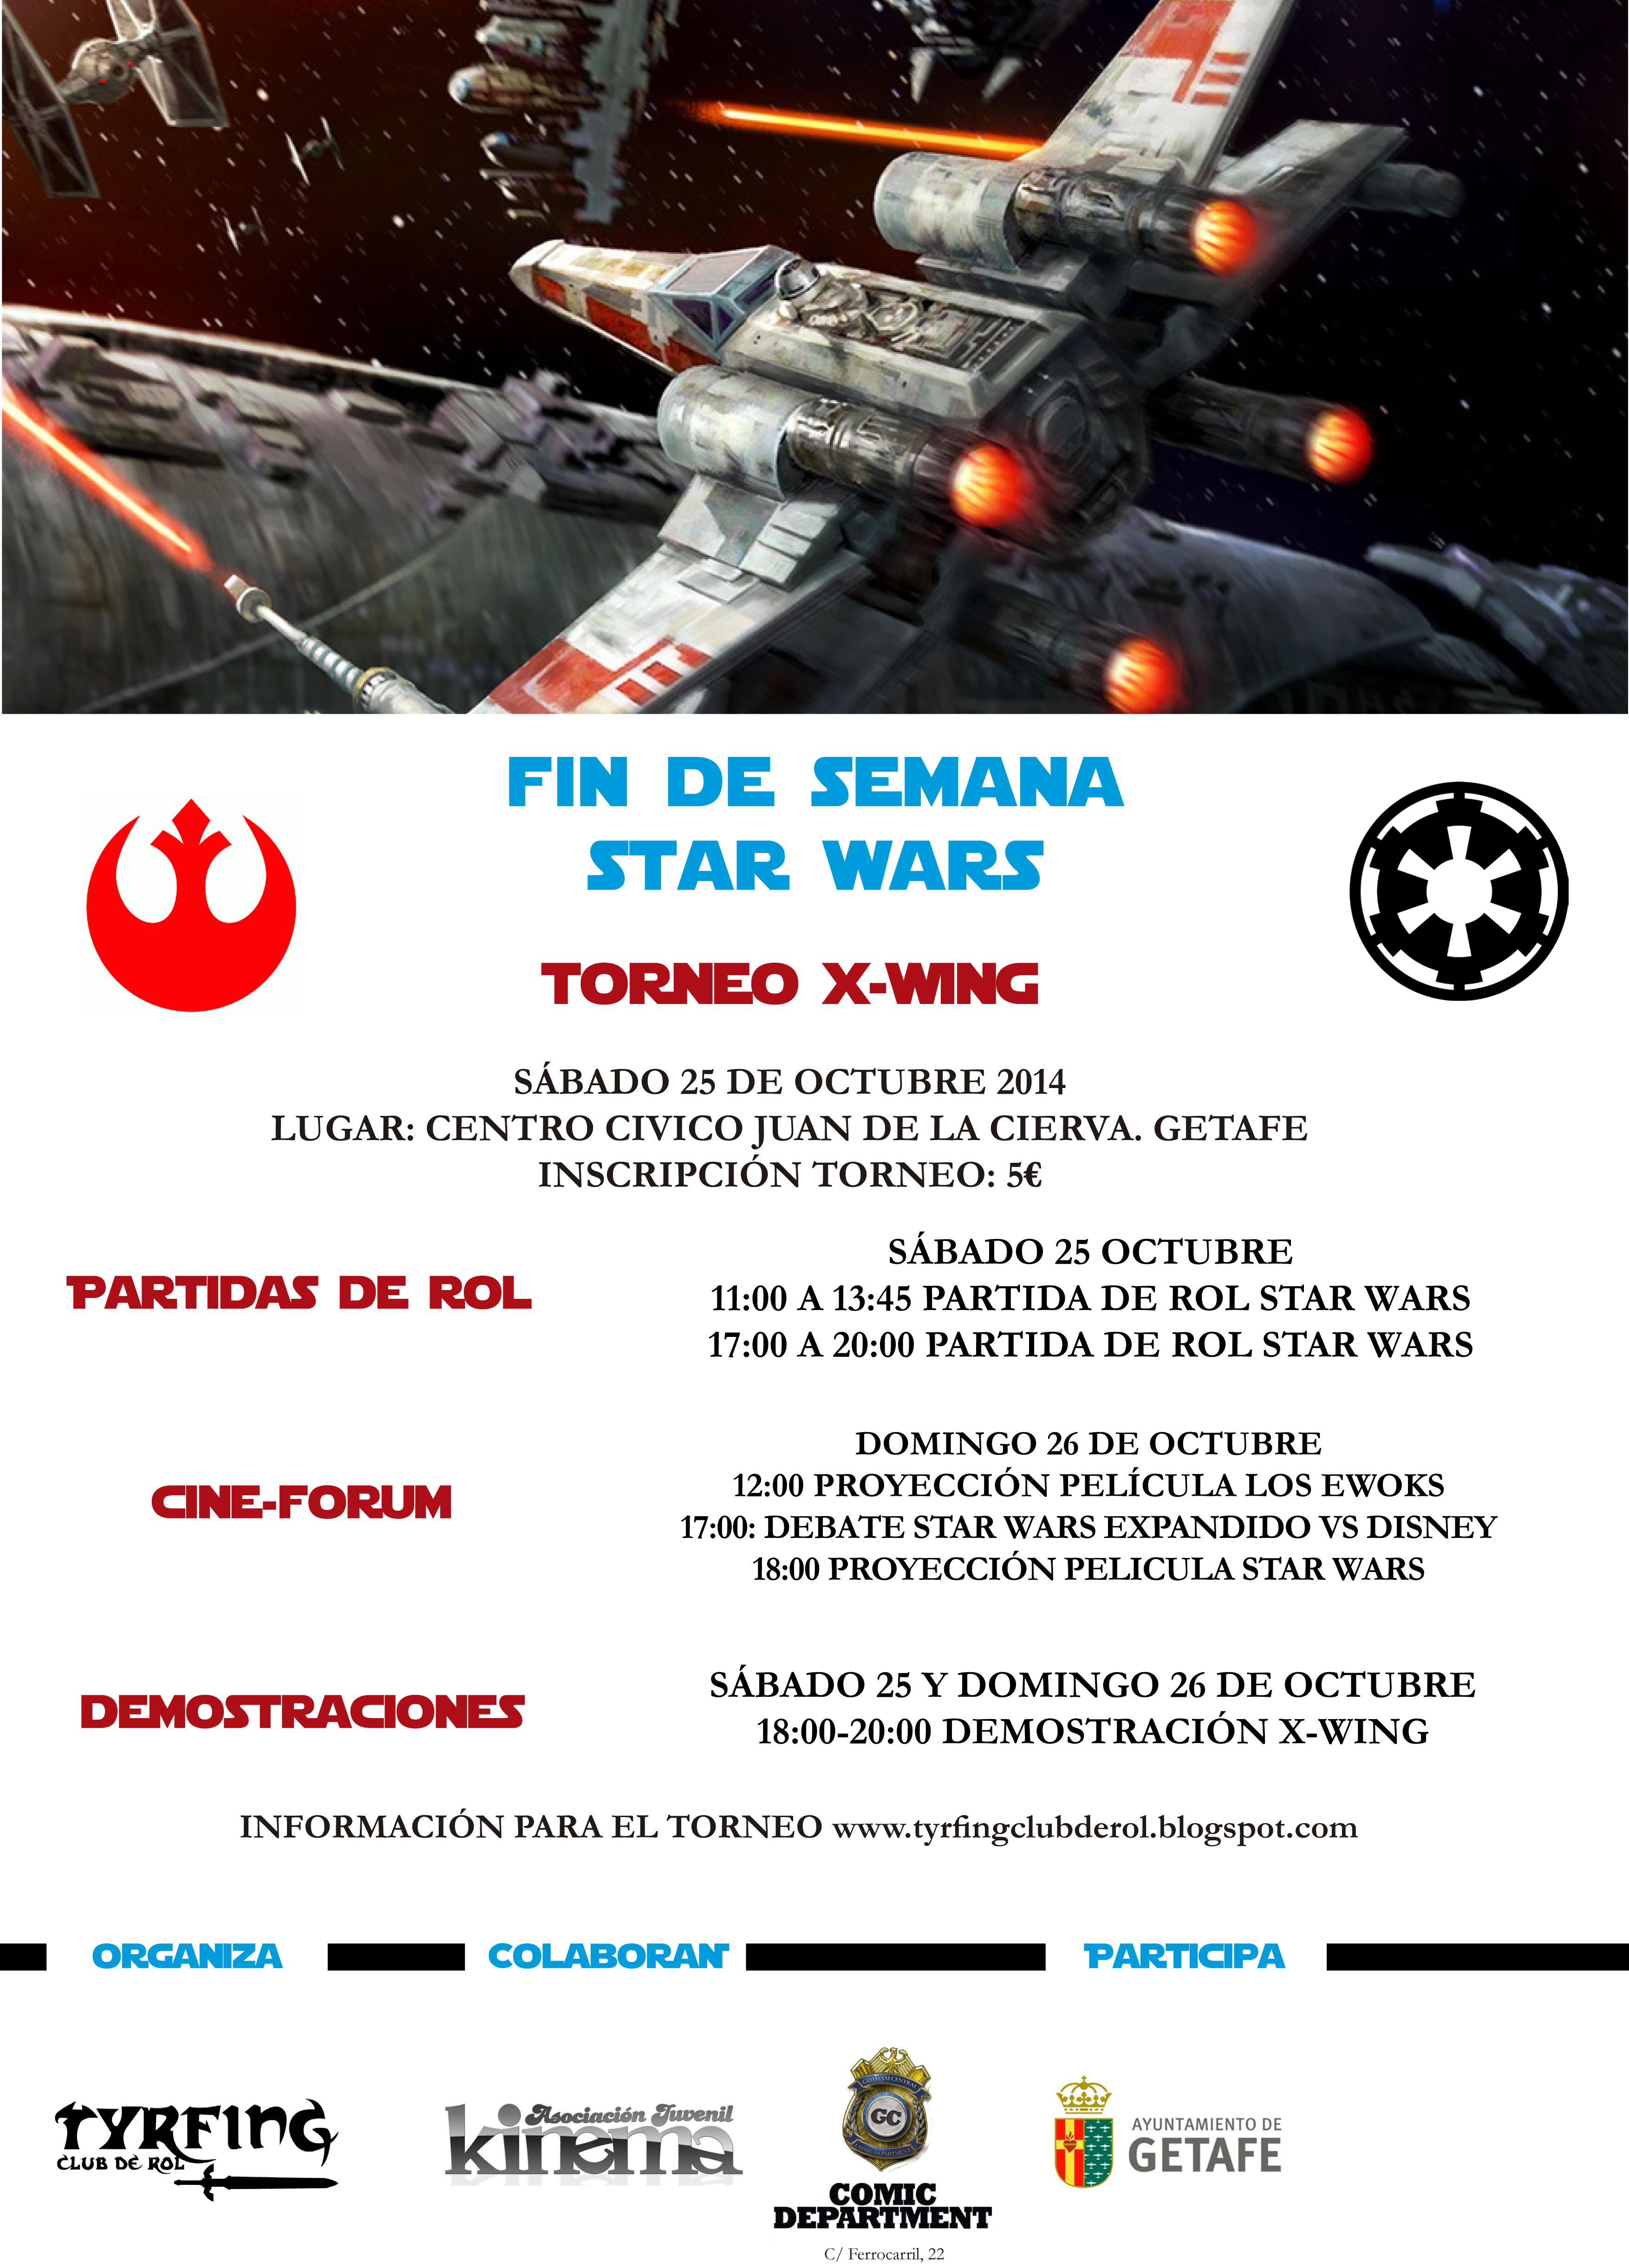 Fin de Semana Star Wars